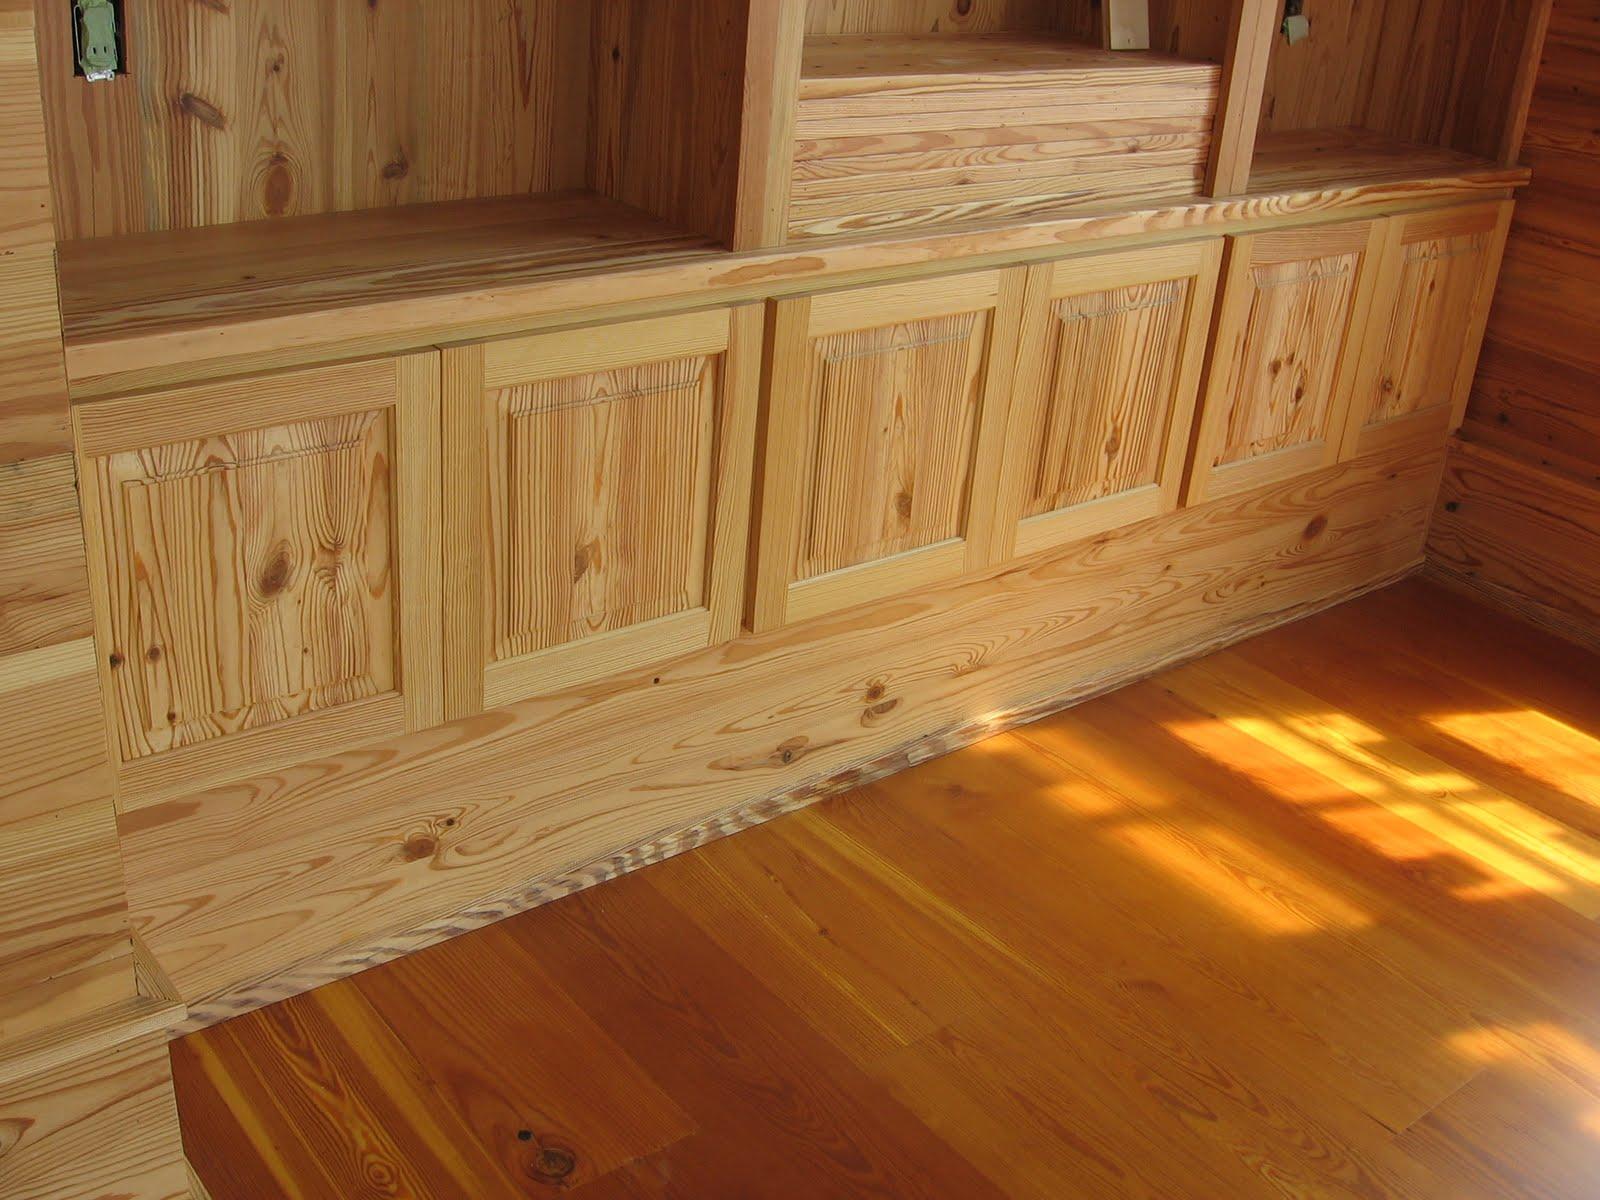 Paint And Wood Coatings Waterlox Images Choosing